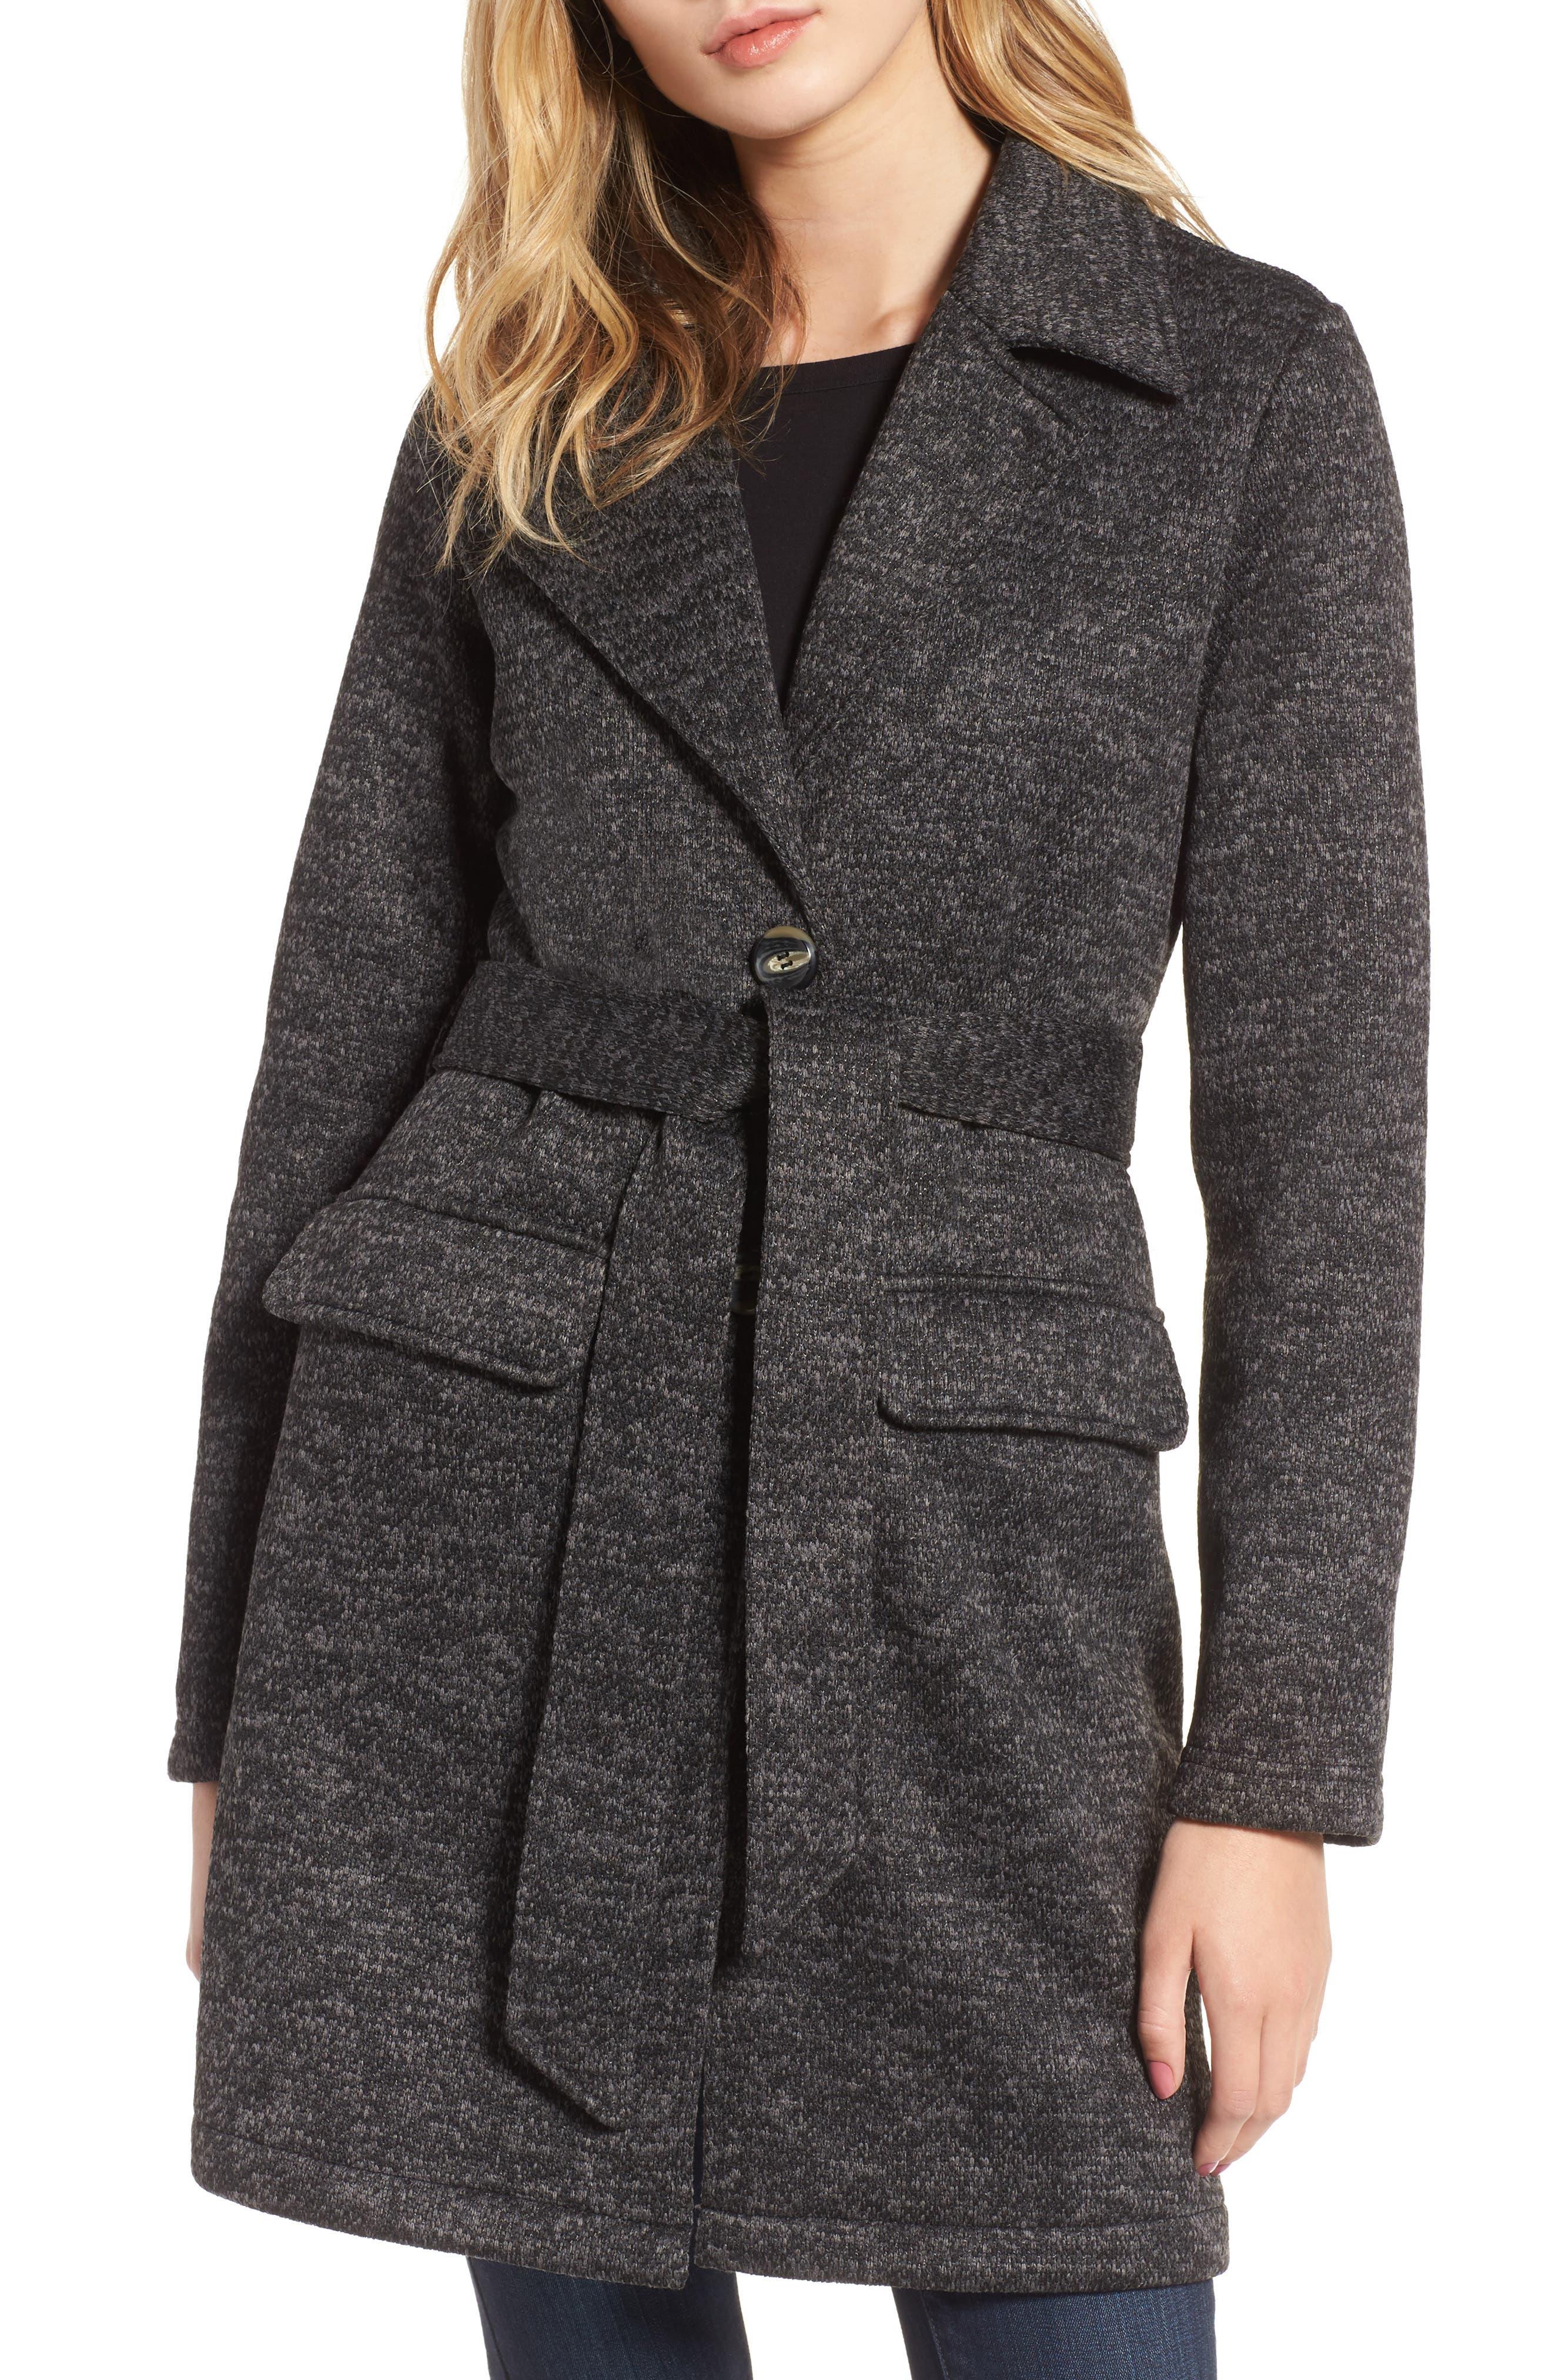 Belted Fleece Jacket,                             Alternate thumbnail 4, color,                             021